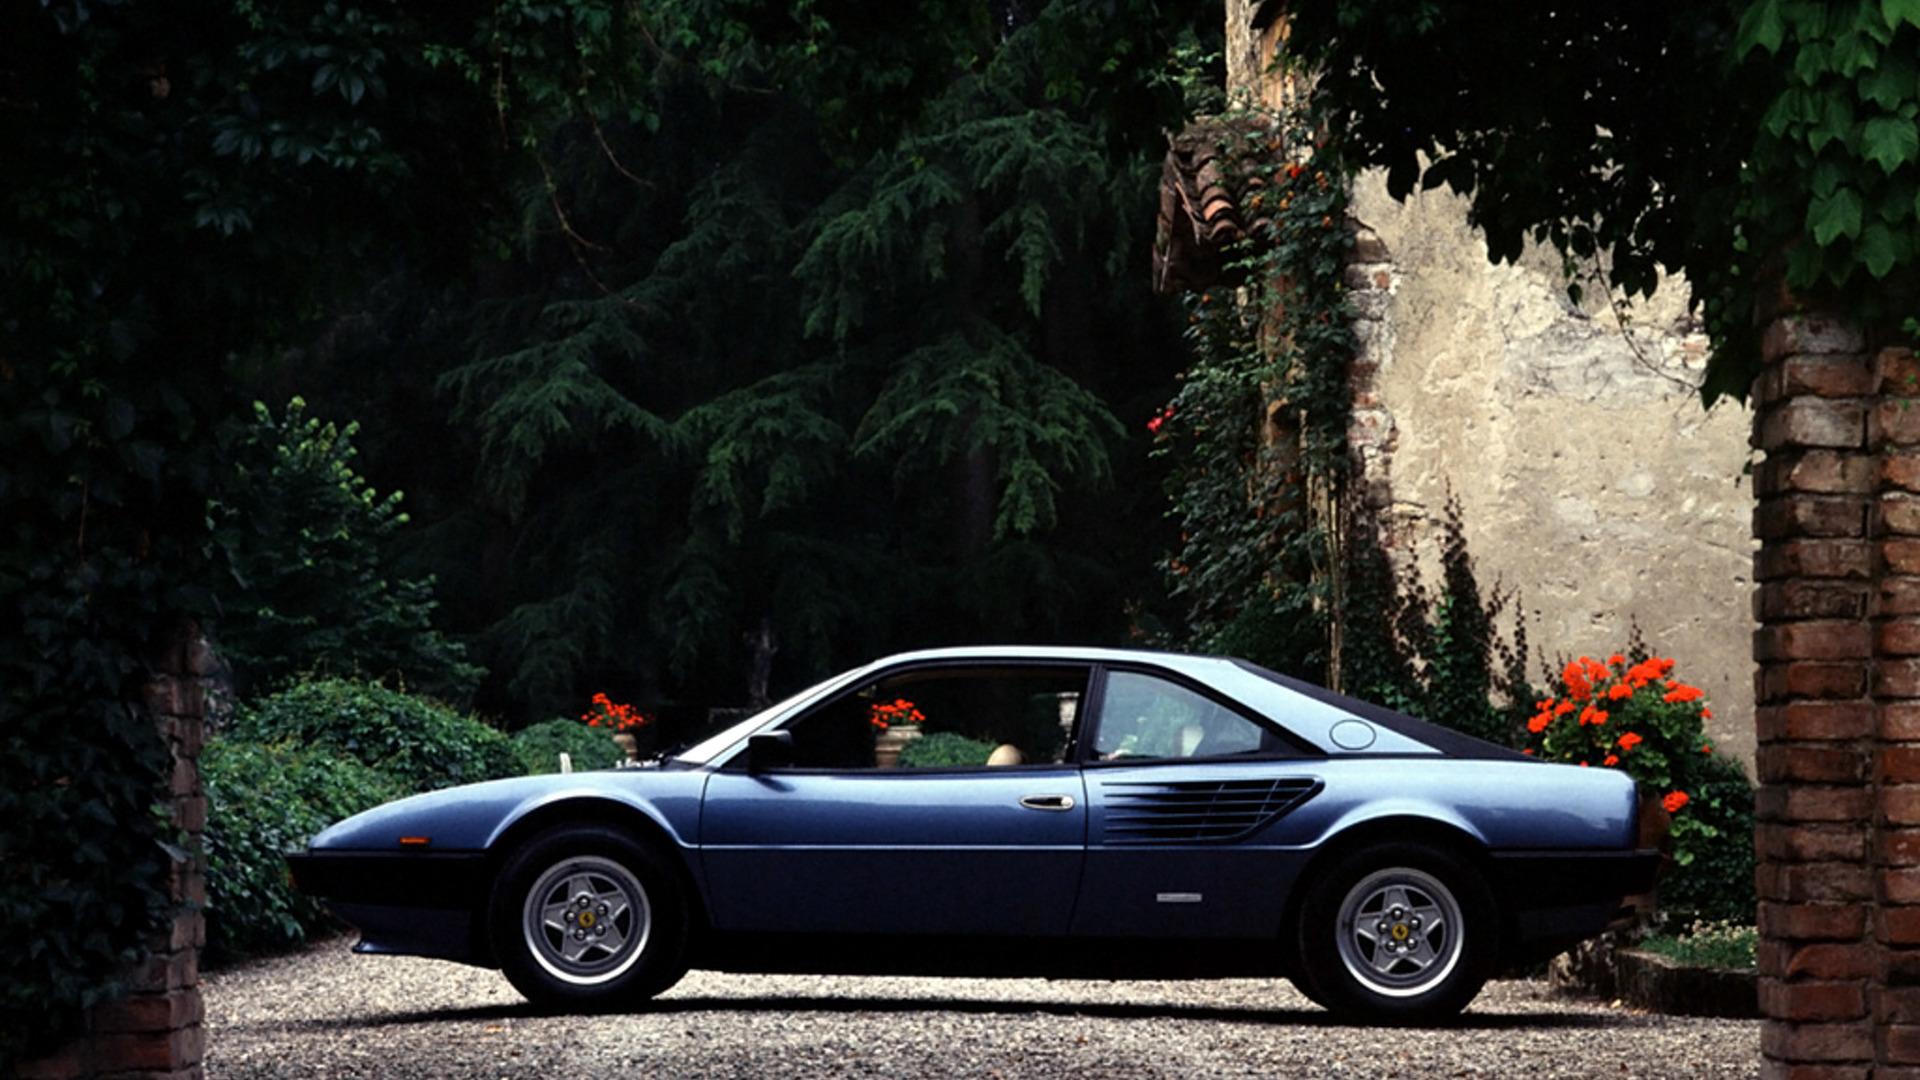 ferrari-mondial-8 Remarkable Ferrari Mondial Rear Window Motor Cars Trend